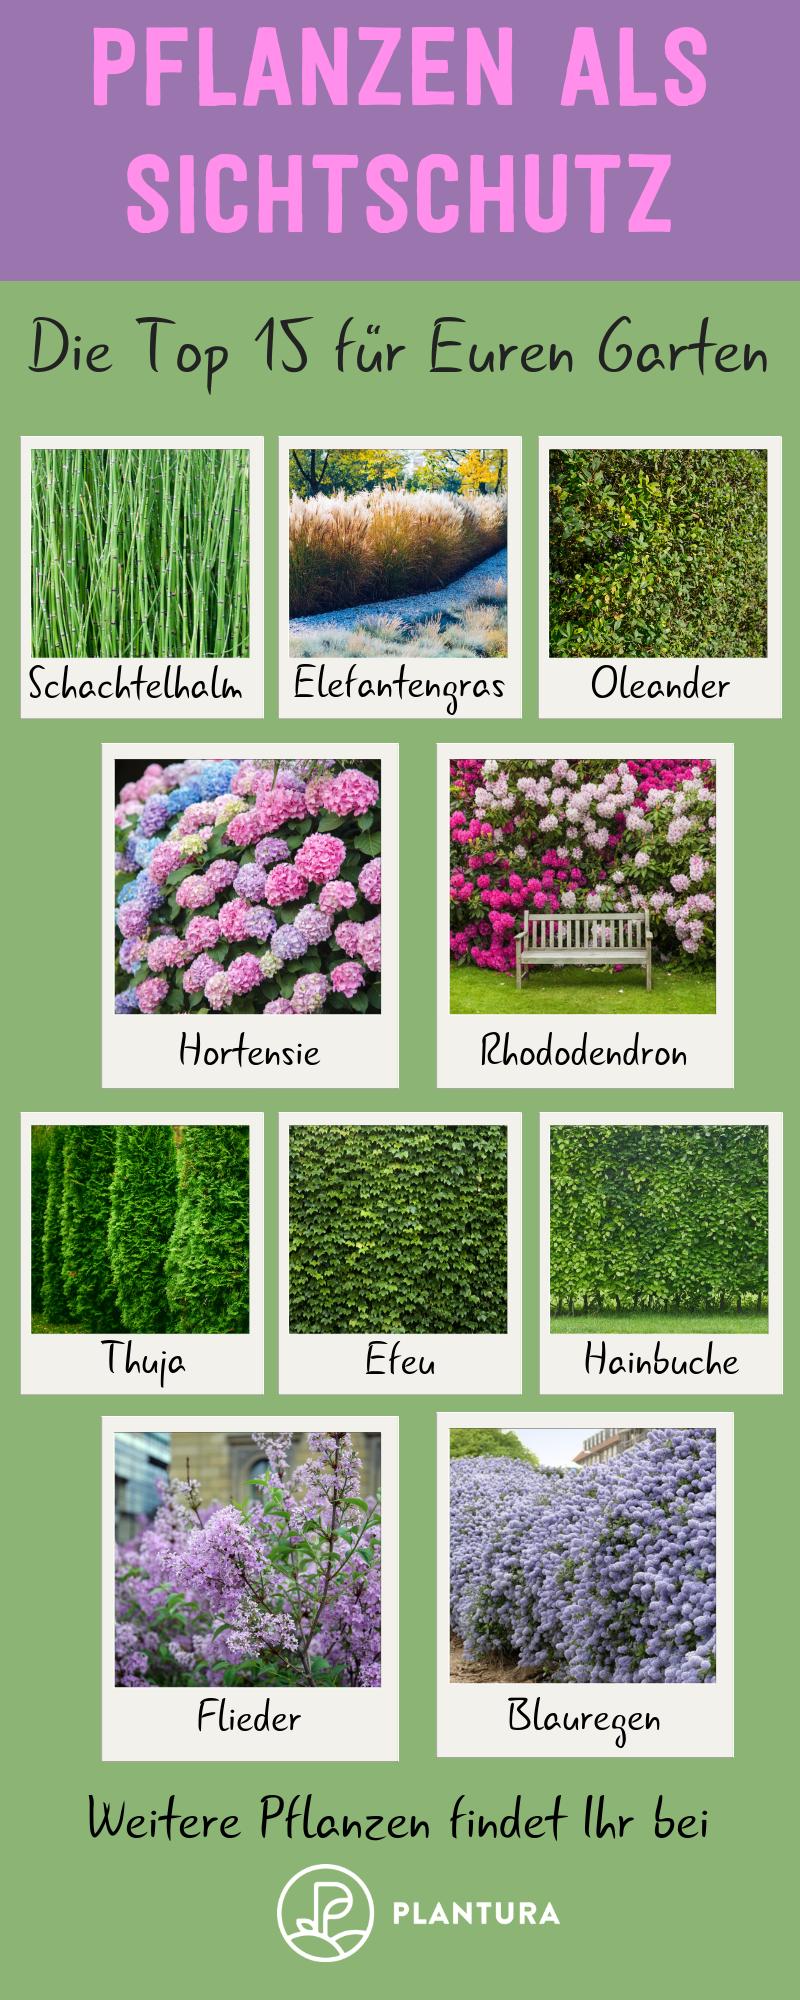 Pflanzen als Sichtschutz: Unsere Top 15 für Garten & Balkon #gartenideen